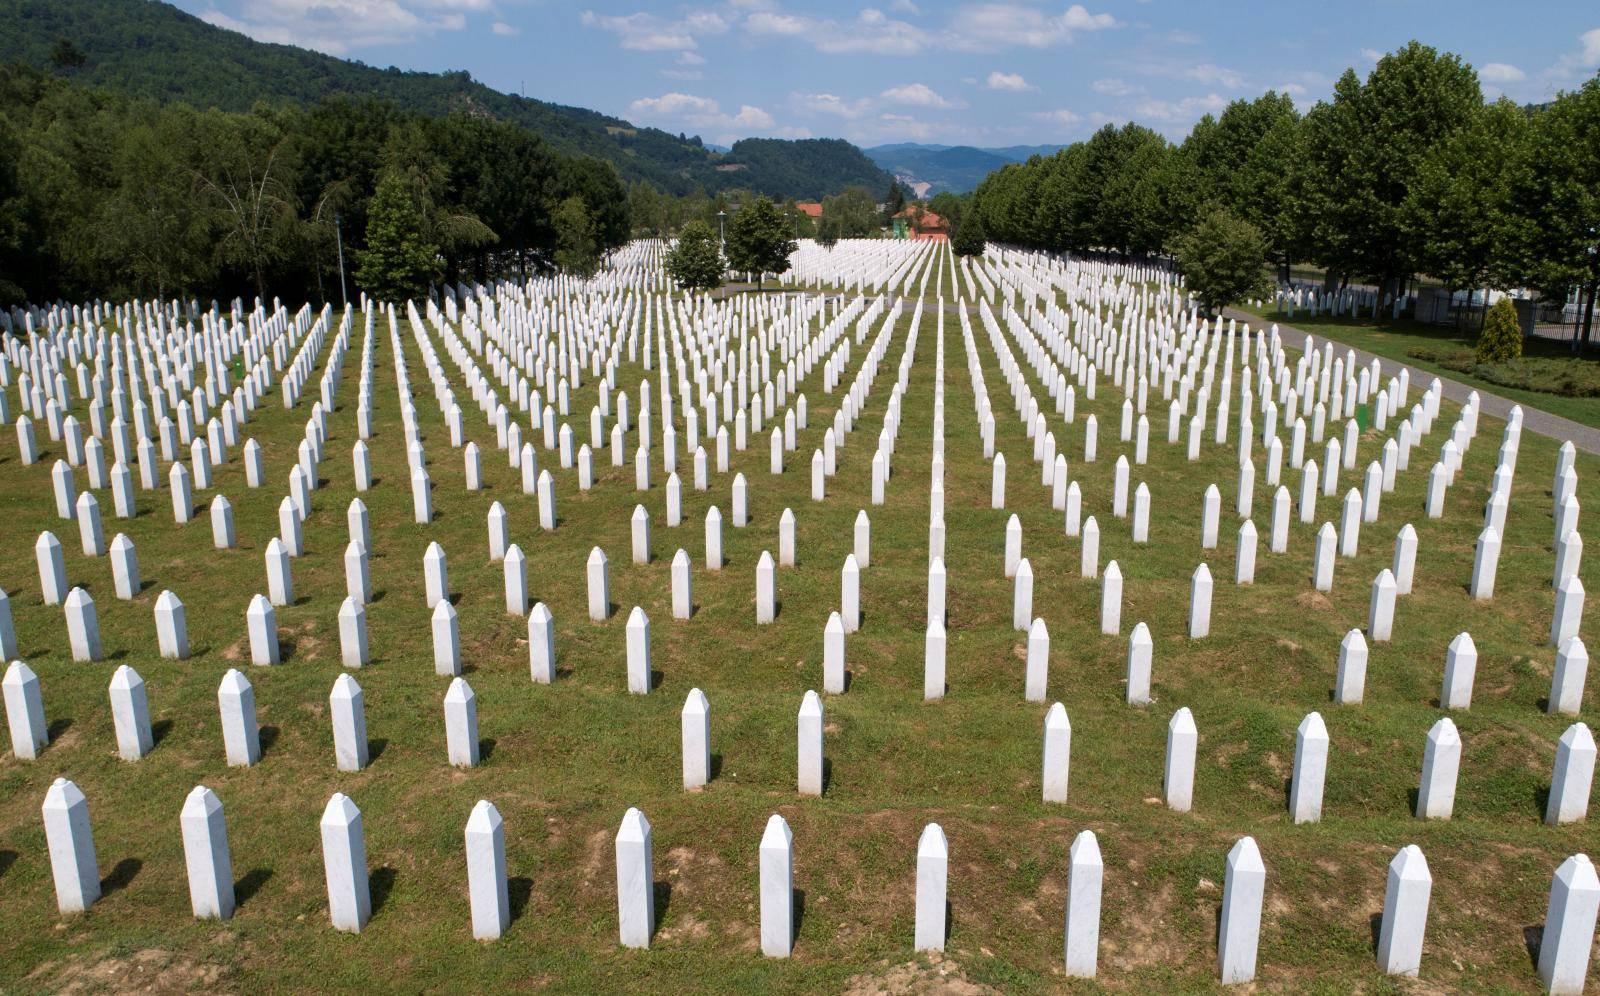 FILE PHOTO: An aerial view of the Memorial Center in Potocari near Srebrenica